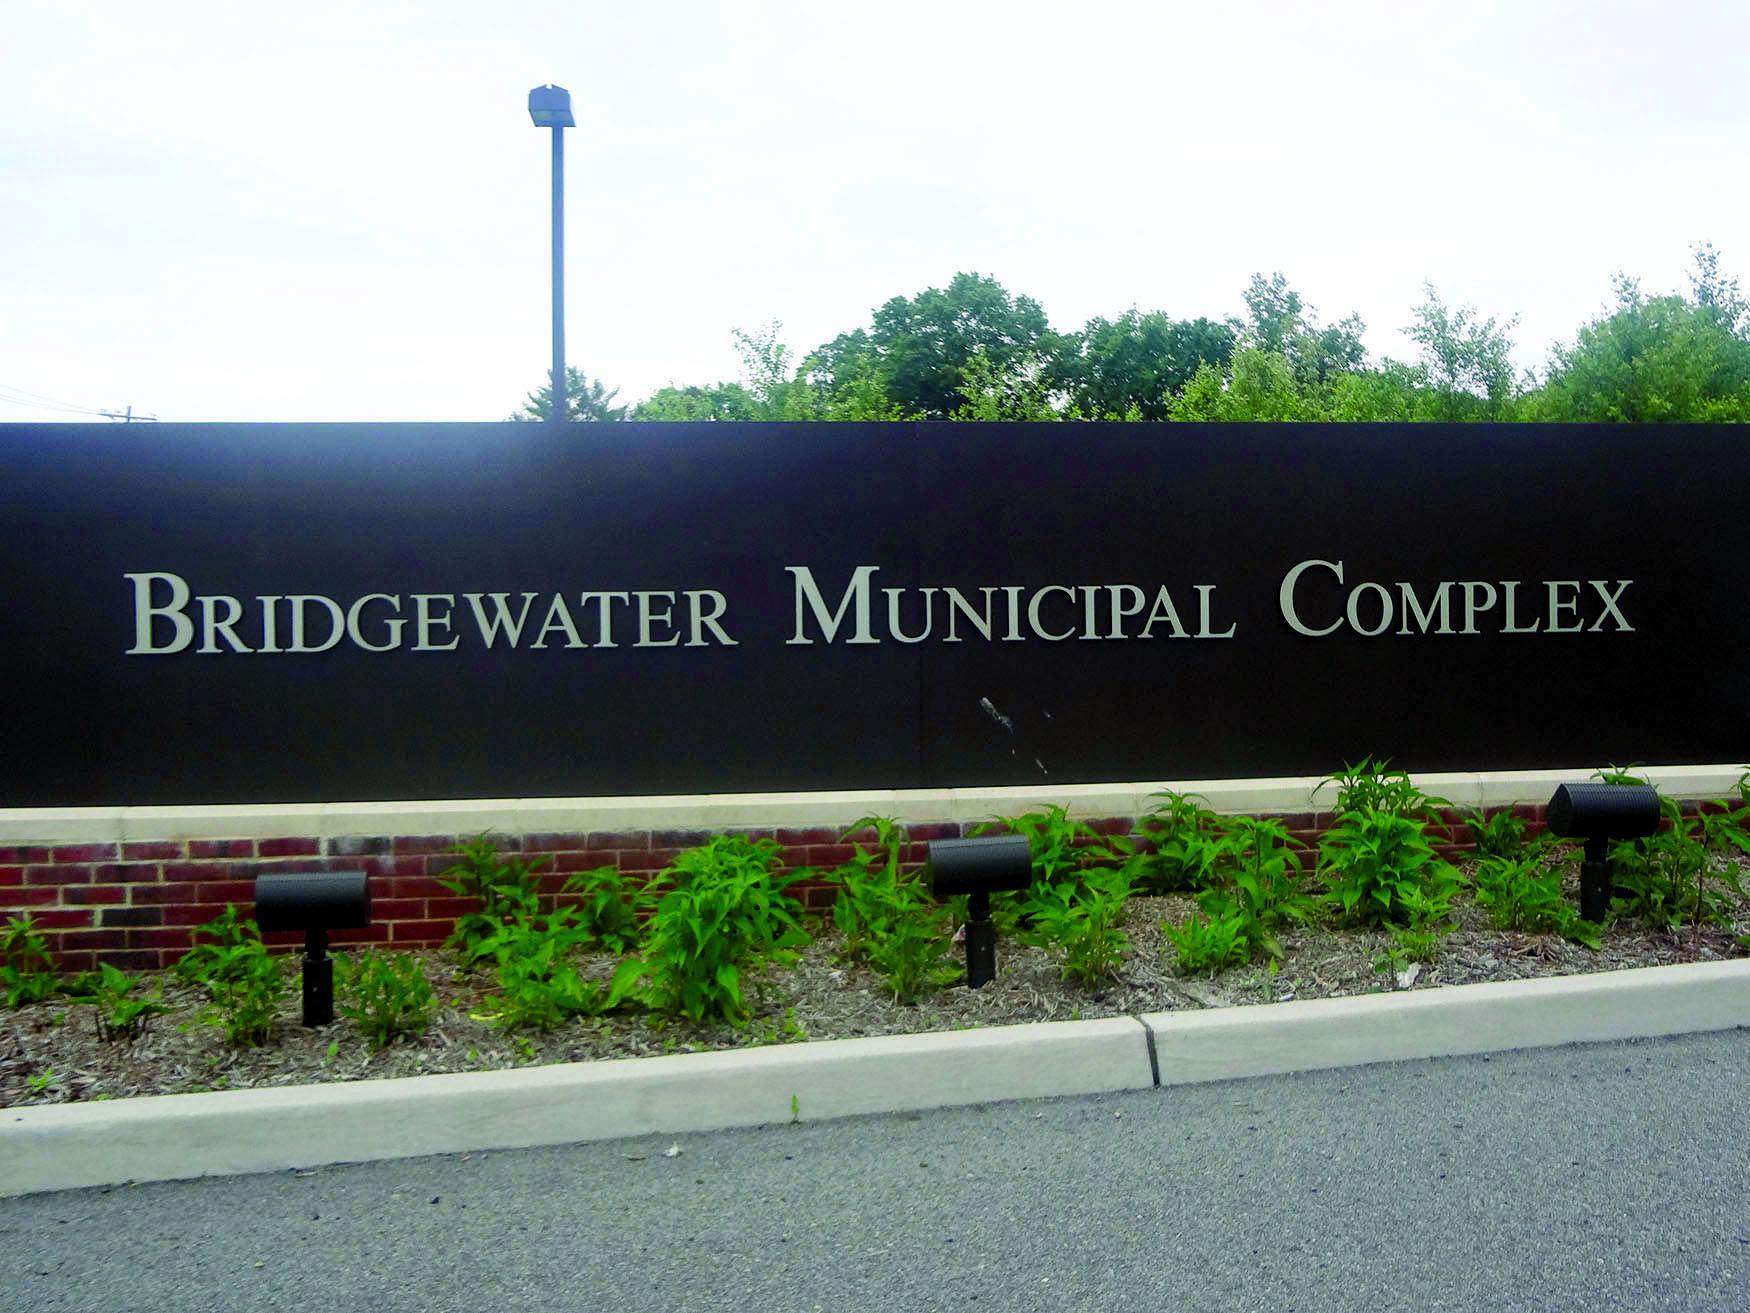 fceefd29a8a36a956192_Bridgewater_municipal.jpg